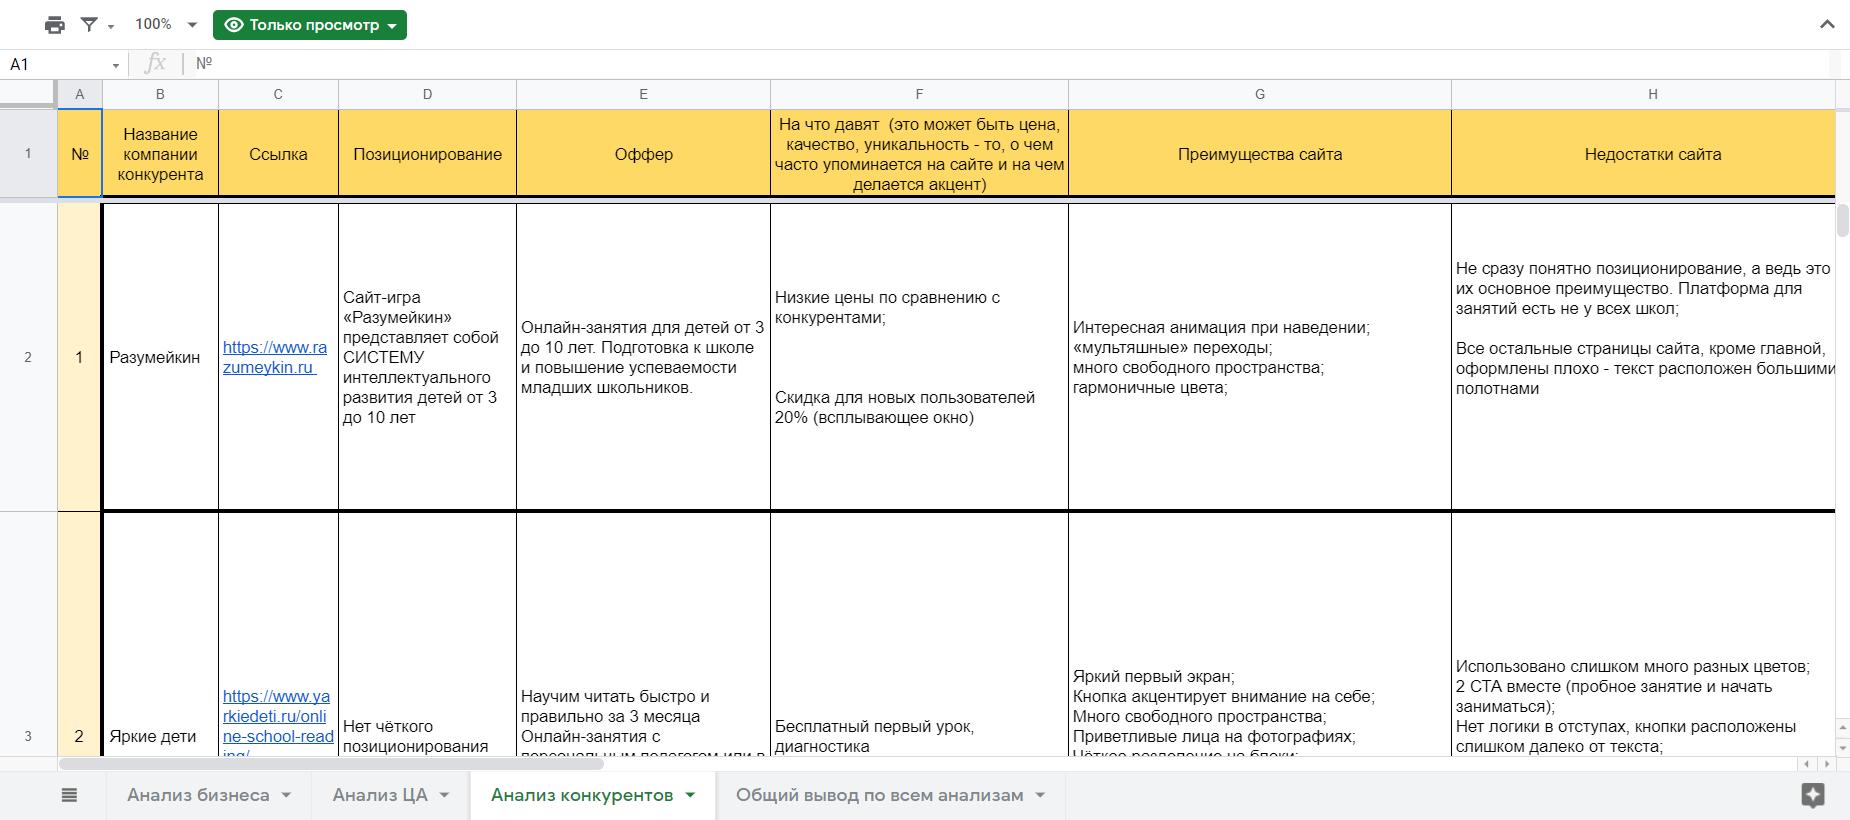 Анализ конкурентов таблица